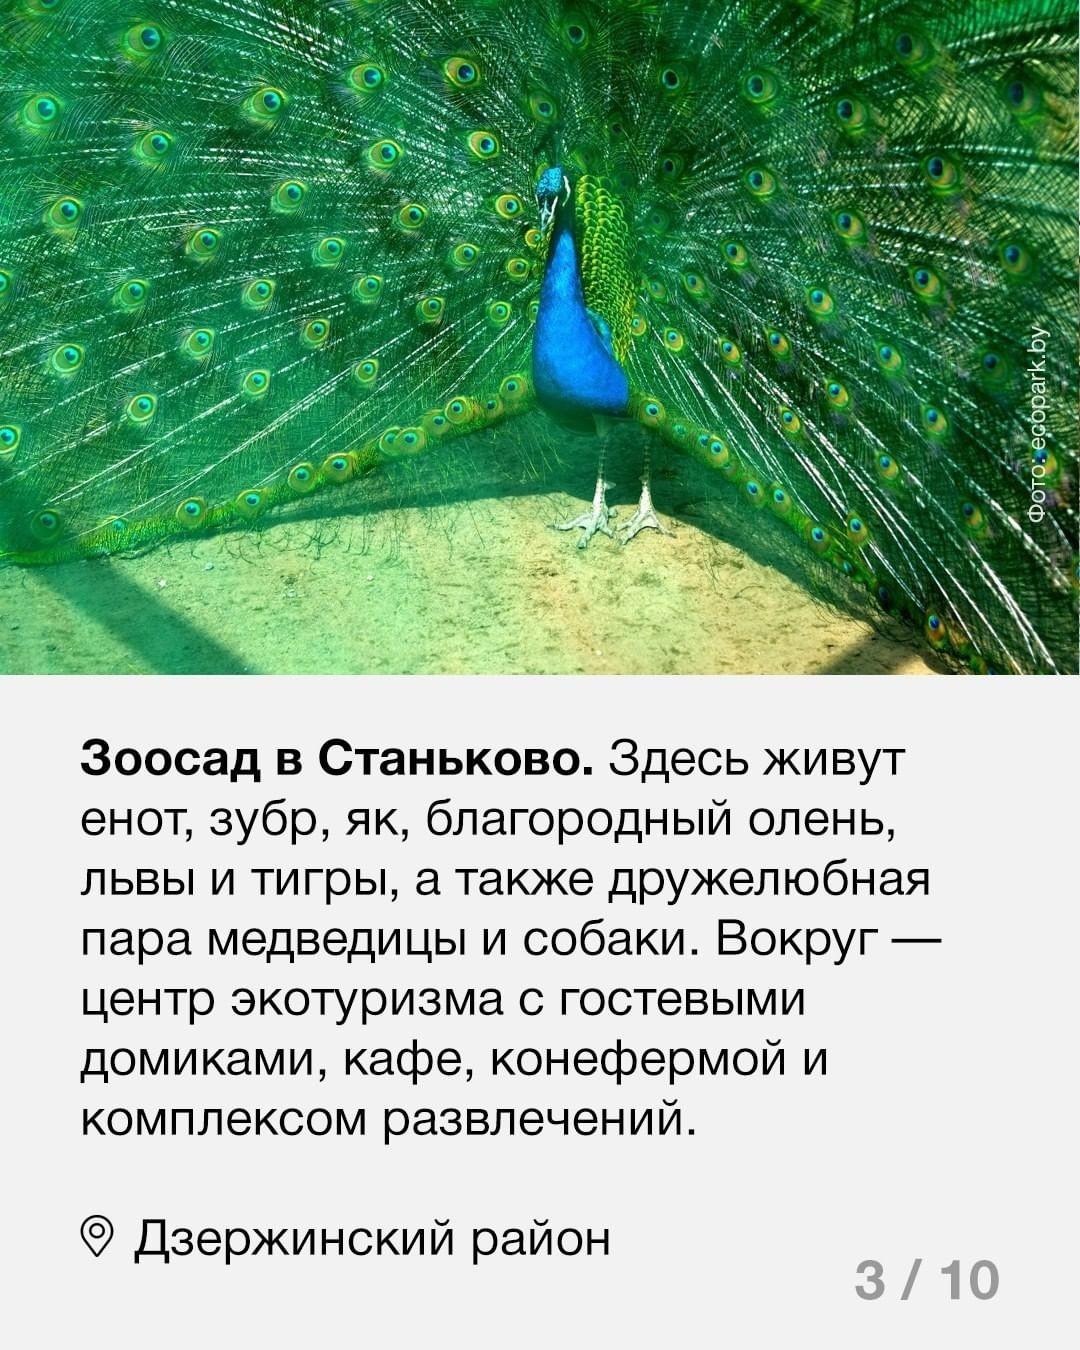 Бобруйская крепость вошла в ТОП-9 мест в Беларуси, где стоит побывать